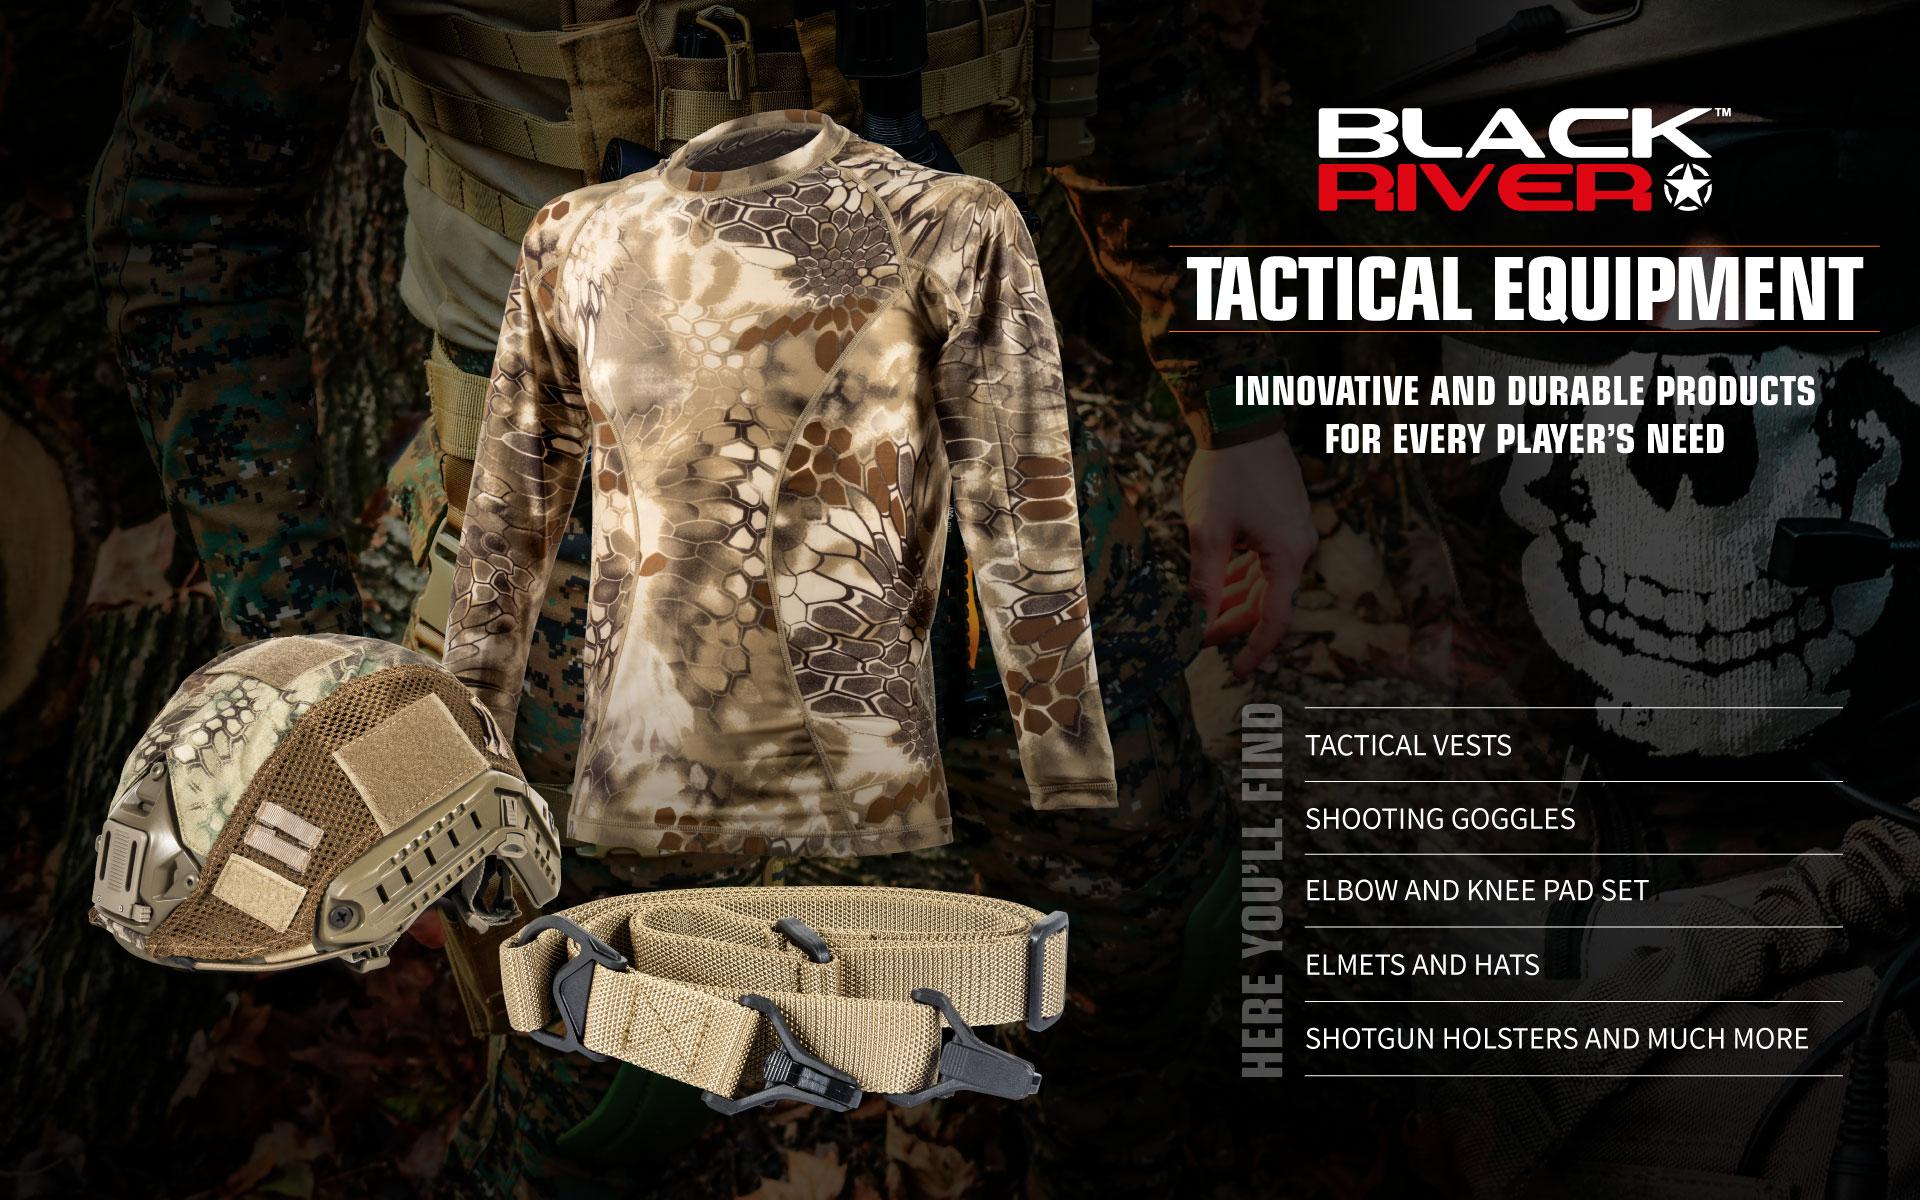 Black River Tactical Equipment